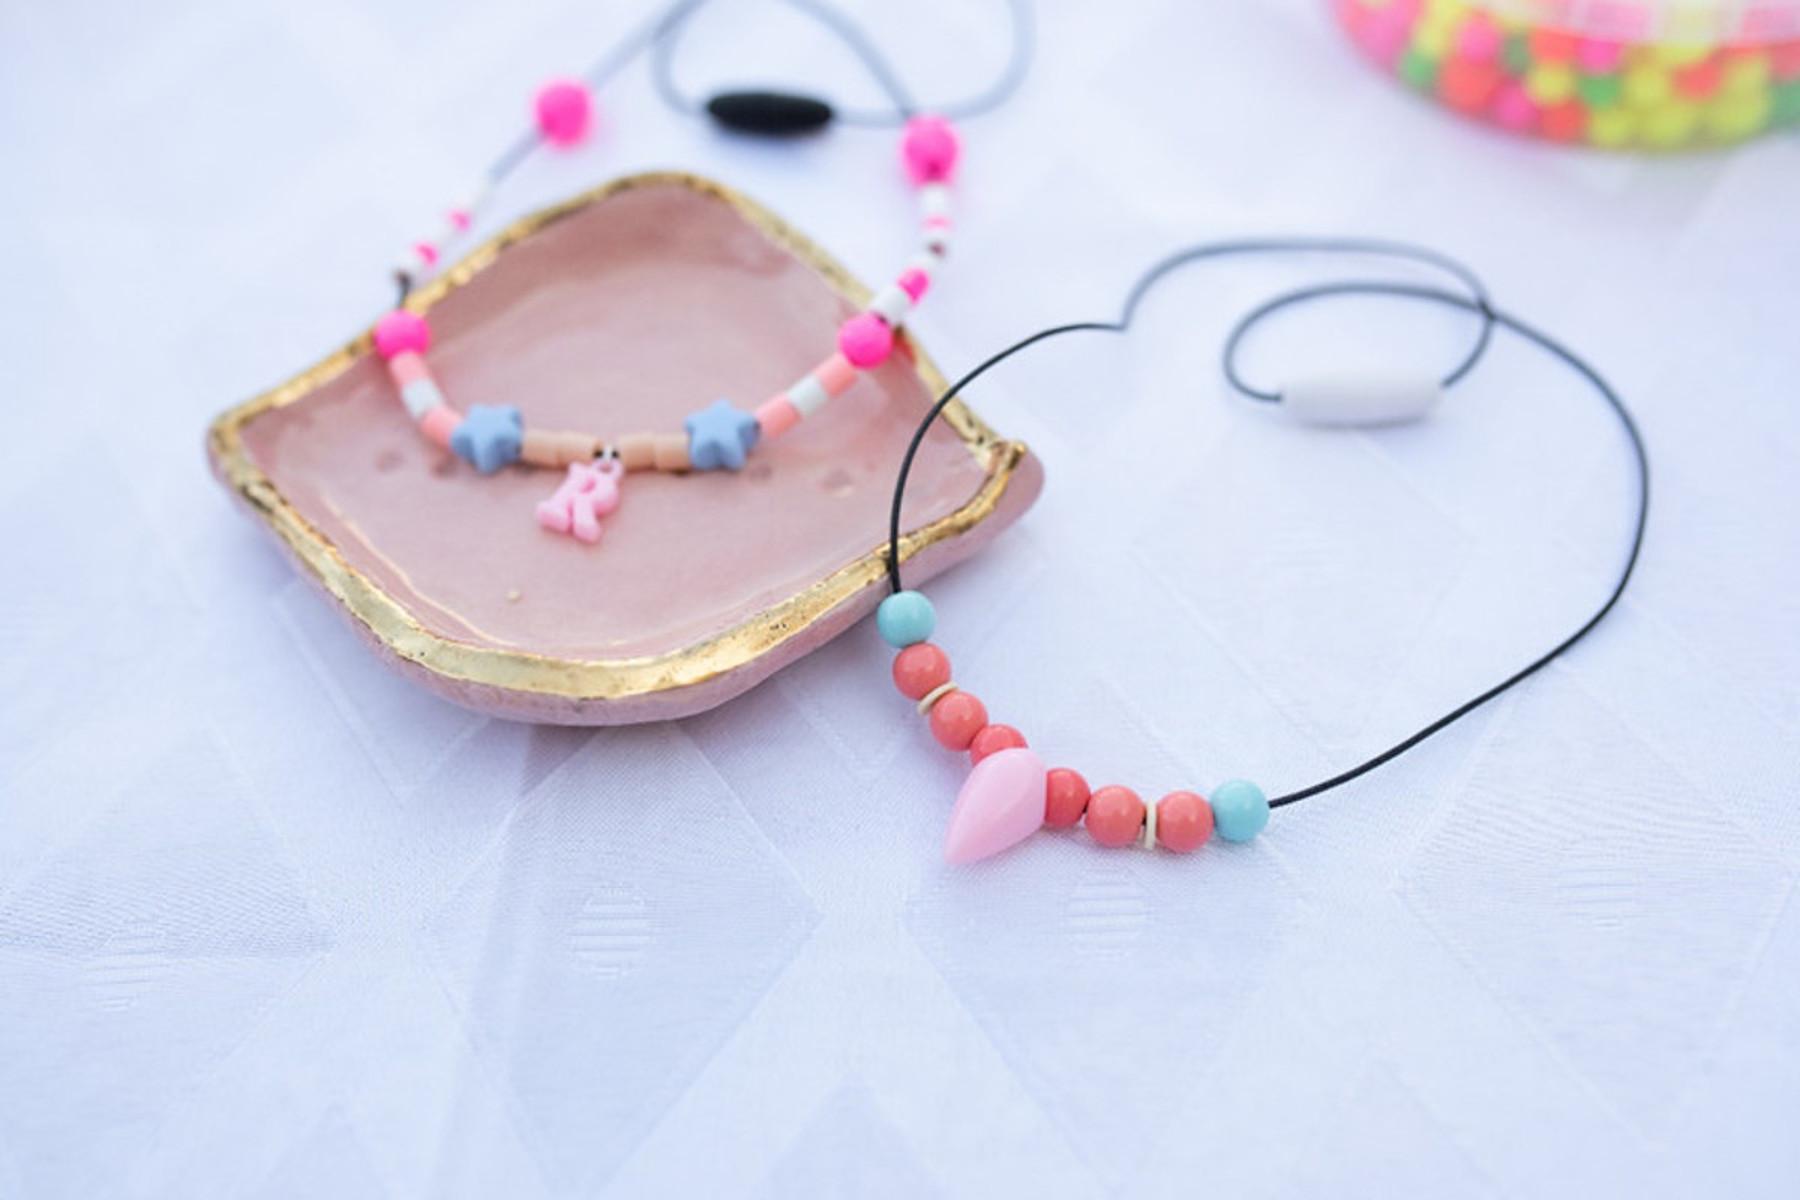 פעילויות לילדים: הכינו שרשרת מעוצבת וצבעונית